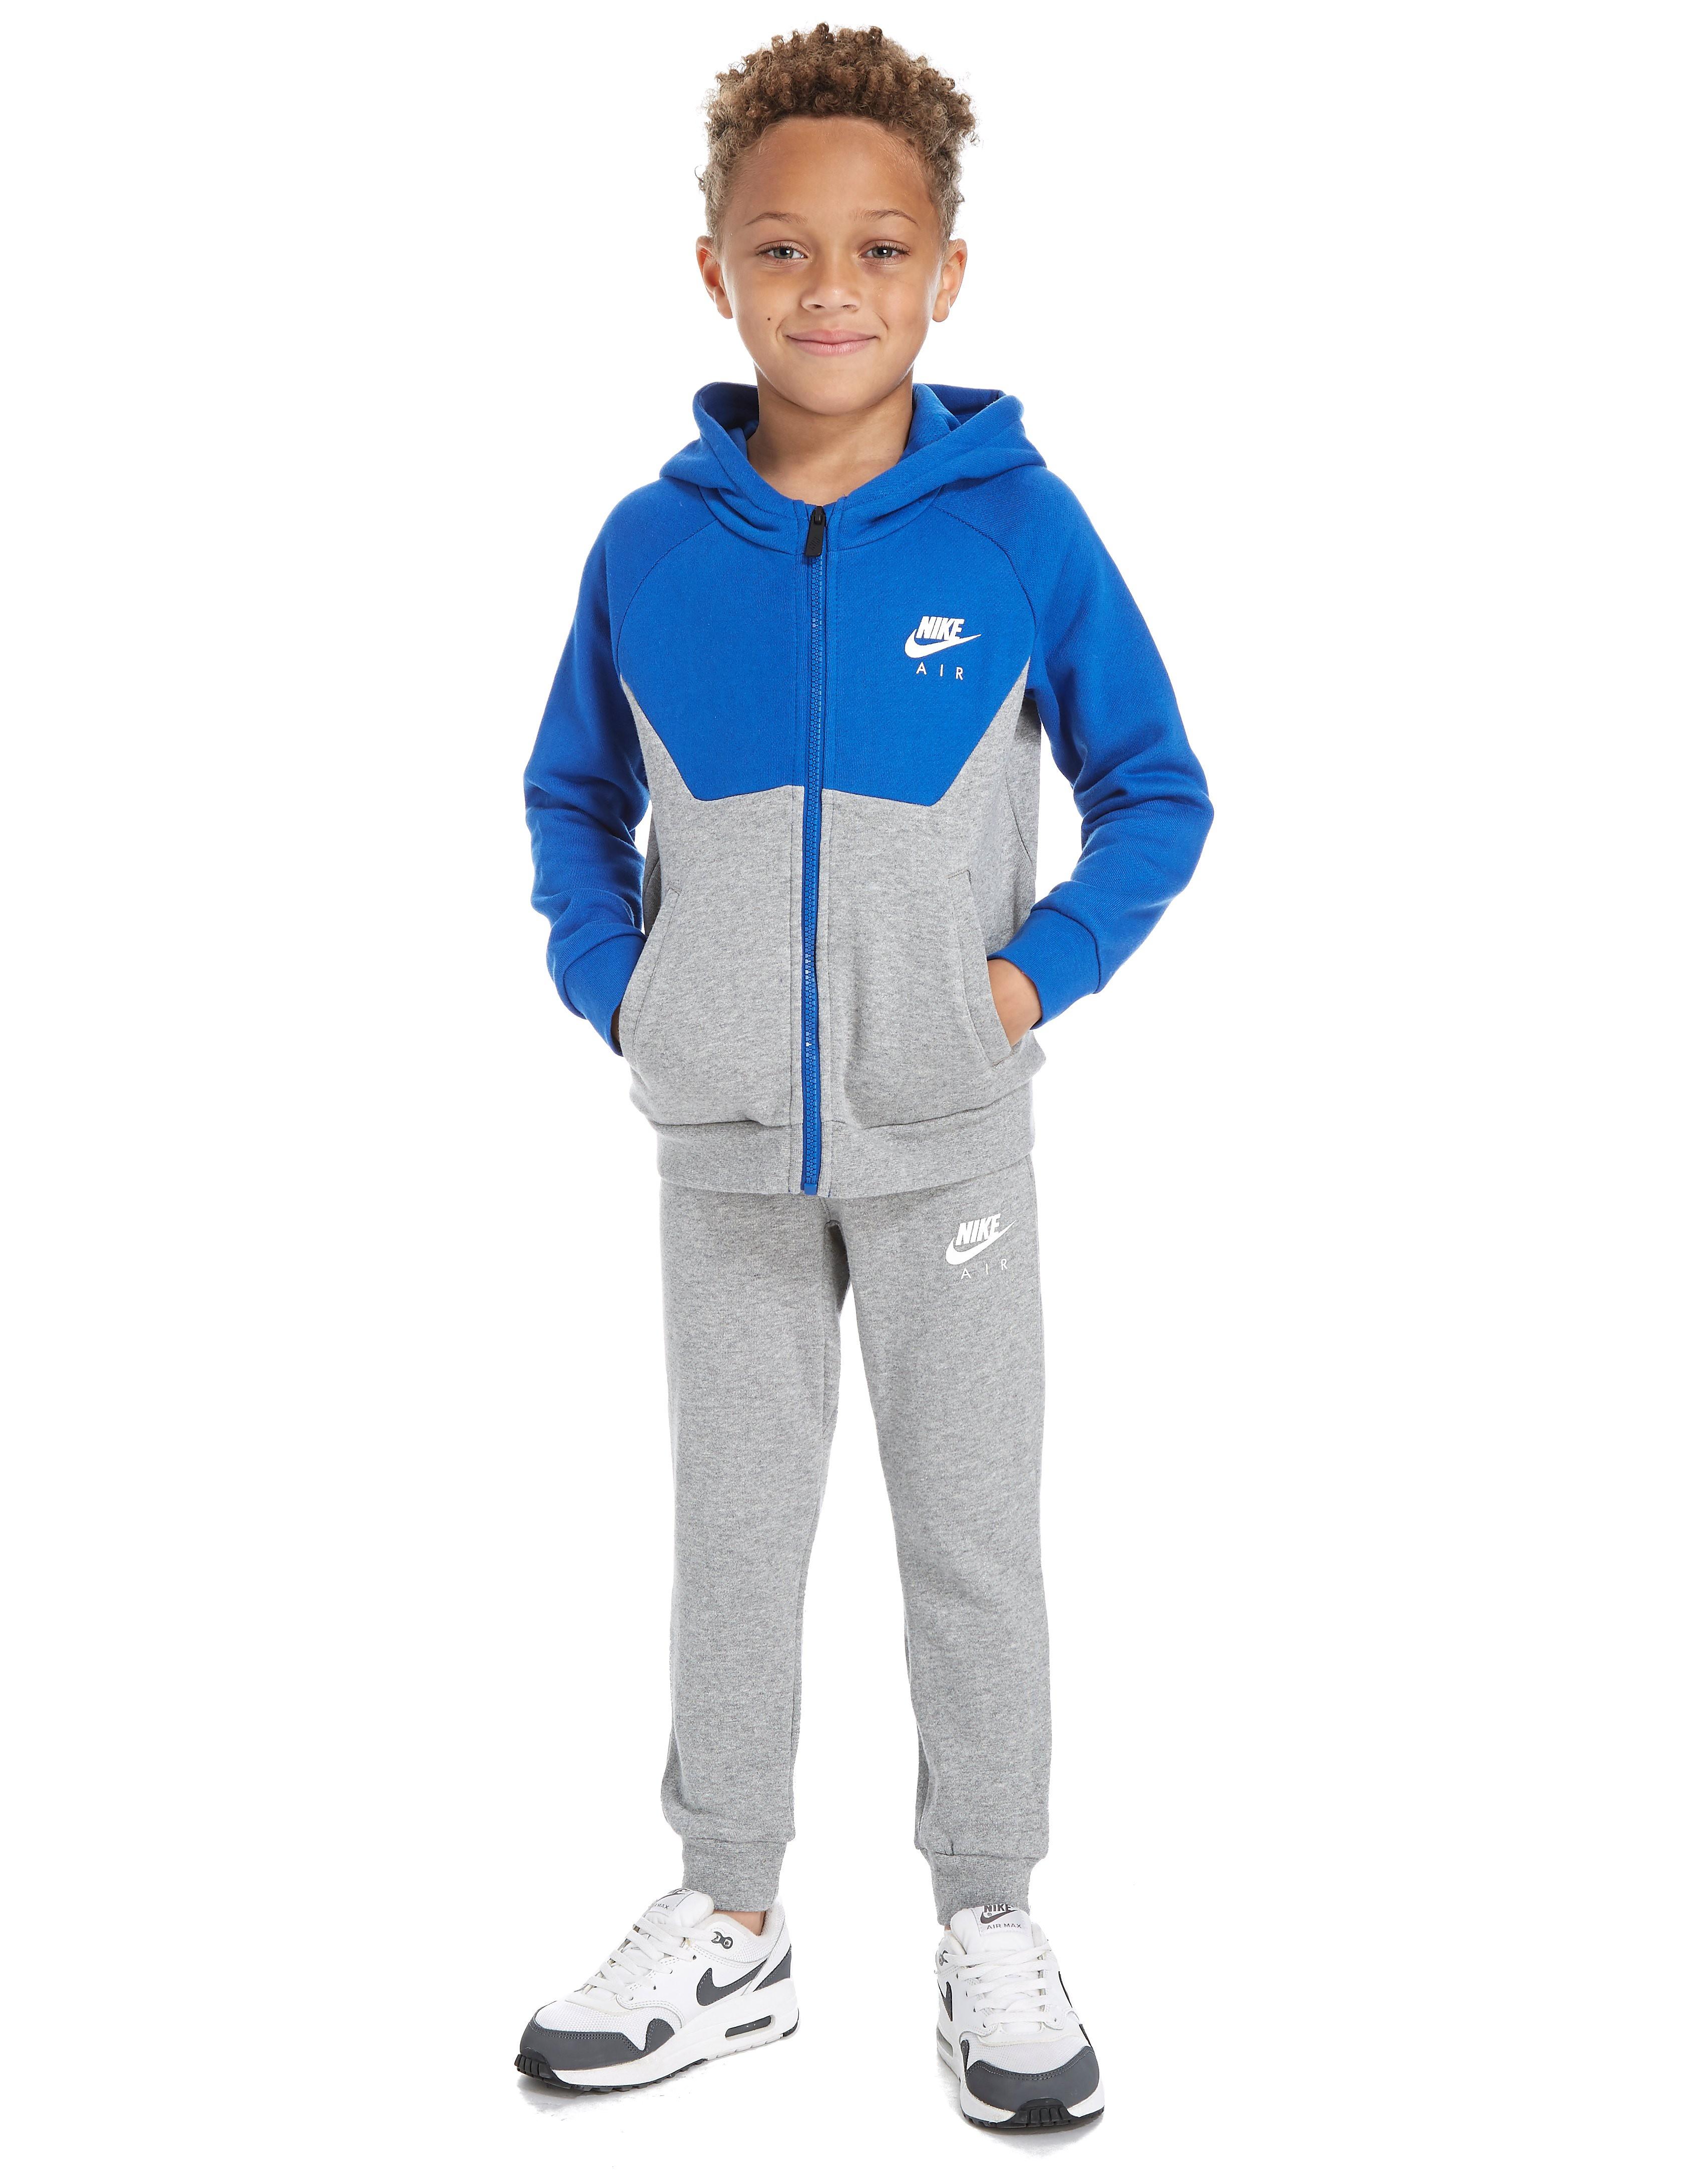 Nike Air Full Zip Suit Children